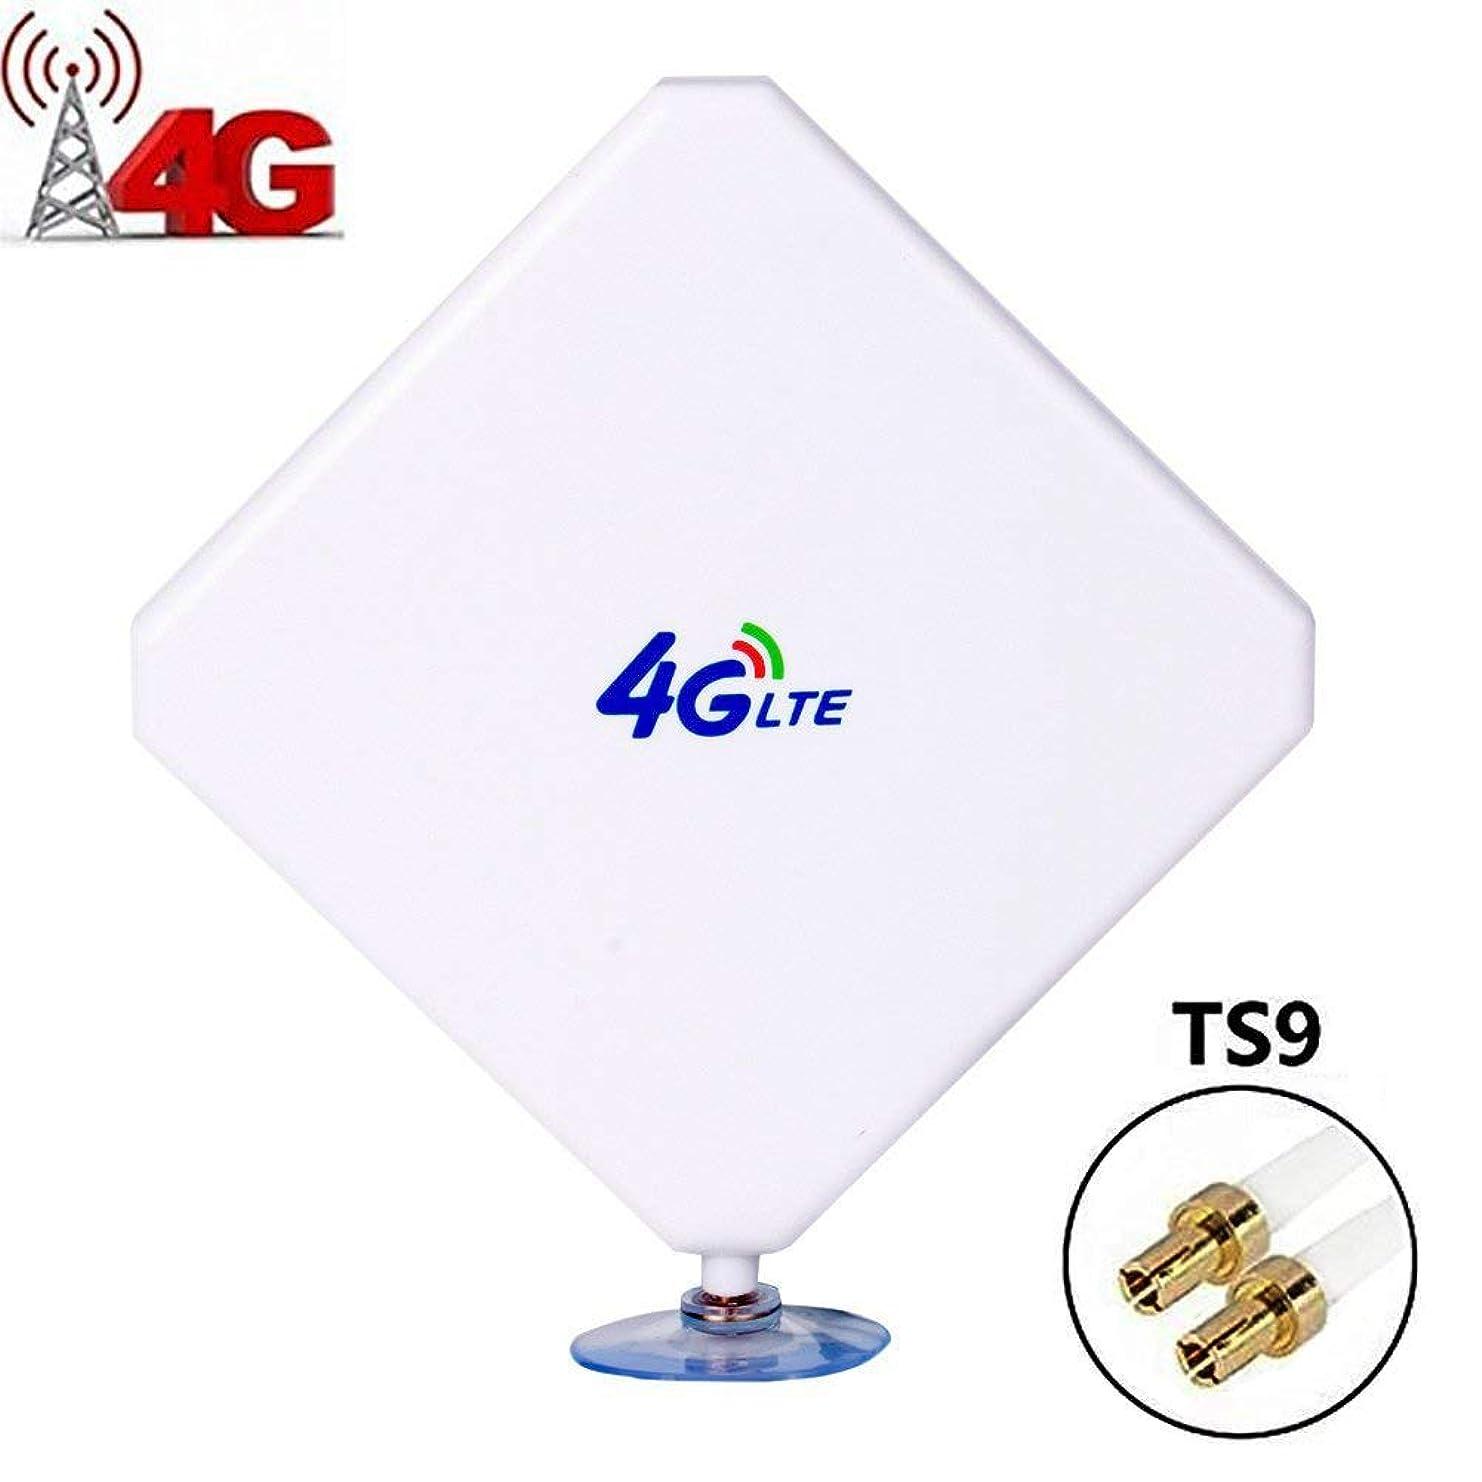 ピーブ僕の患者35DBI GSM高利得4G LTEアンテナ、TS9アンテナ、モバイルホットスポット用TS9コネクタケーブル付きWifi信号ブースターアンプアンテナ(TS9コネクタ)